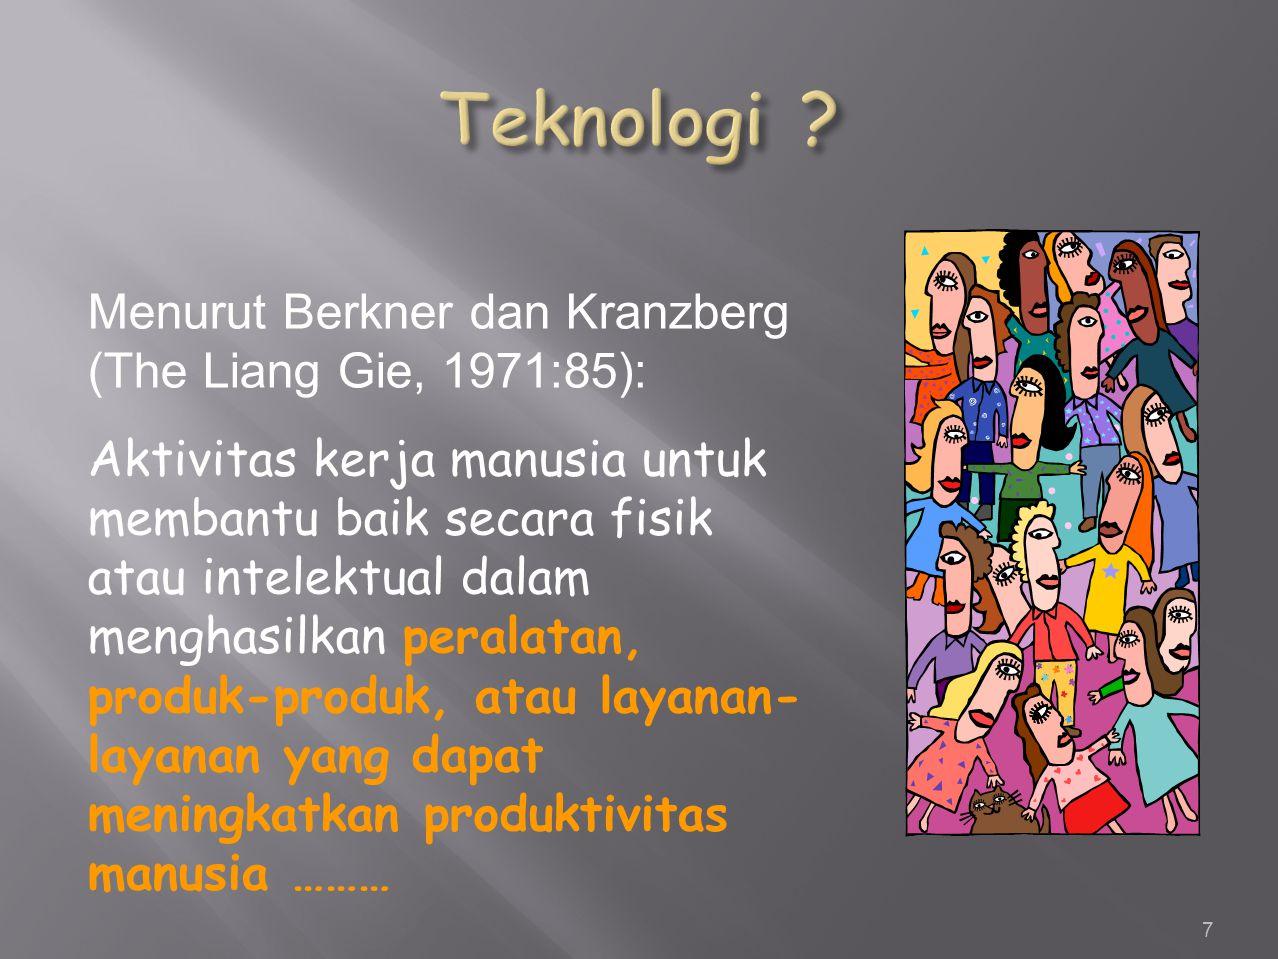 7 Menurut Berkner dan Kranzberg (The Liang Gie, 1971:85): Aktivitas kerja manusia untuk membantu baik secara fisik atau intelektual dalam menghasilkan peralatan, produk-produk, atau layanan- layanan yang dapat meningkatkan produktivitas manusia ………